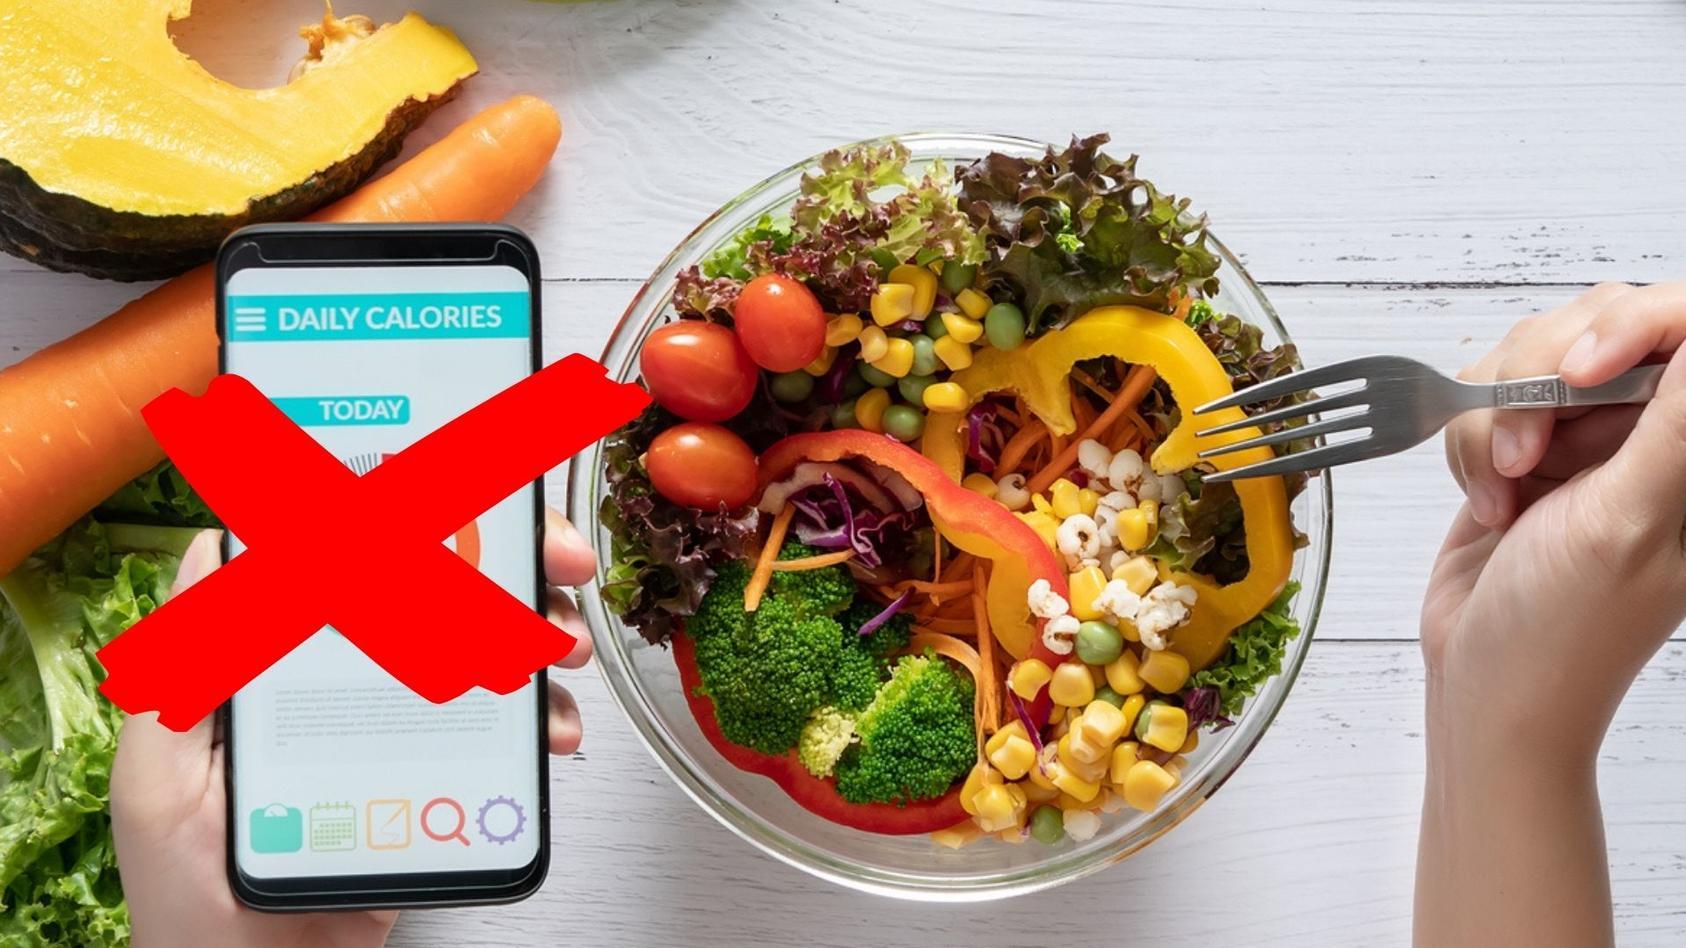 Kalorien zählen? Besser nicht. Wer dauerhaft schlank bleiben möchte, sollte seine Ernährung zwar umstellen, aber sich regelmäßig etwas gönnen.